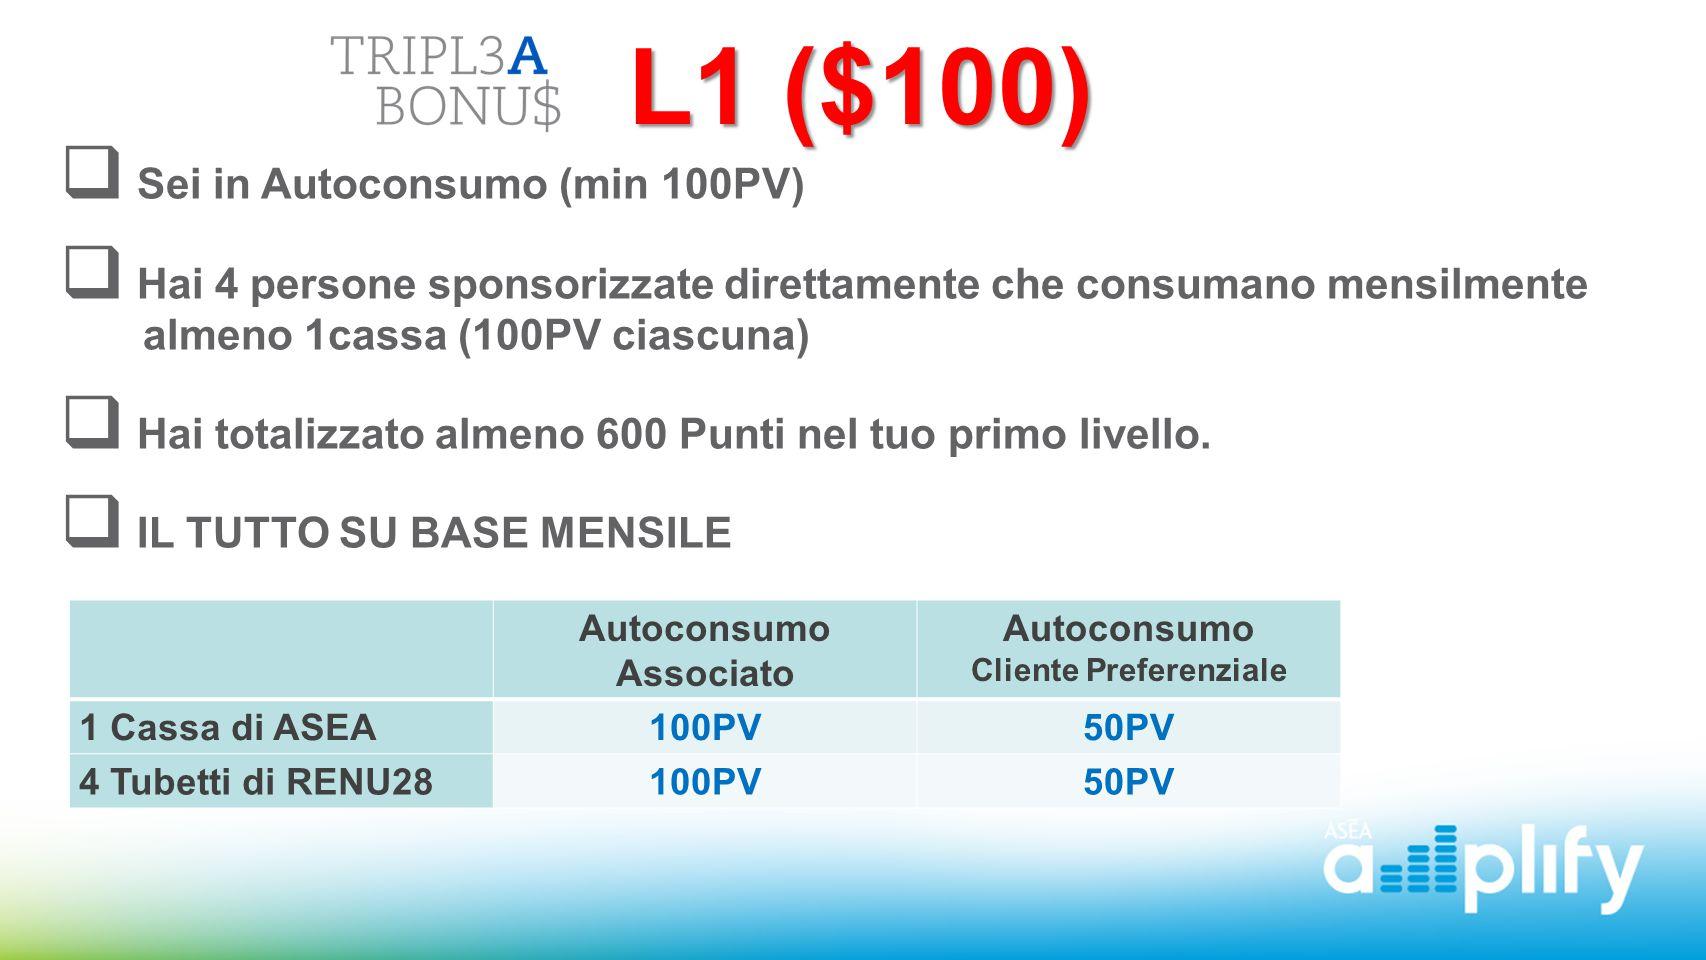 L1 ($100) L1 ($100)  Sei in Autoconsumo (min 100PV)  Hai 4 persone sponsorizzate direttamente che consumano mensilmente almeno 1cassa (100PV ciascun